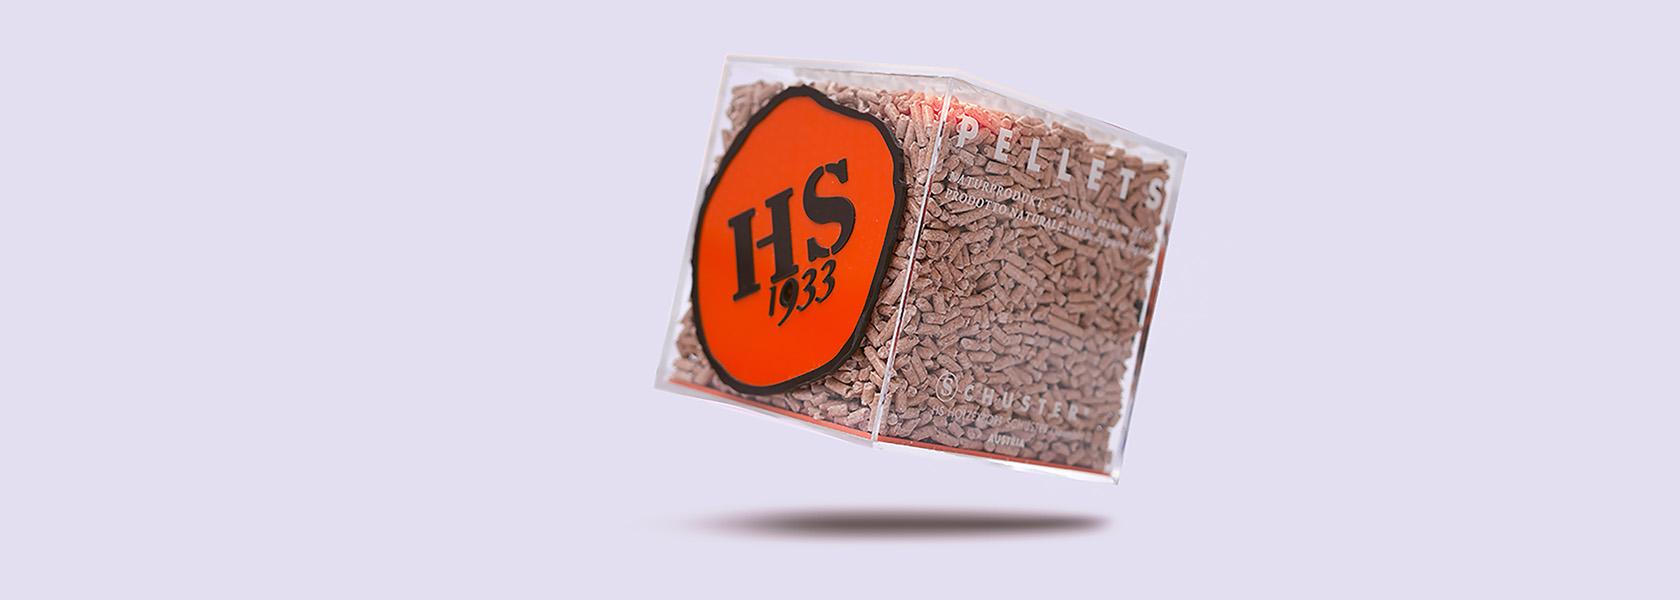 Wakauto 50 St/ück Runde Unfertige Holzscheiben Holzscheiben f/ür Kunsthandwerk 6 cm Holzscheiben f/ür Kunsthandwerk Gro/ße Holzkreise f/ür Holzhandwerk DIY-Projekte Tags Ornamente Plaketten